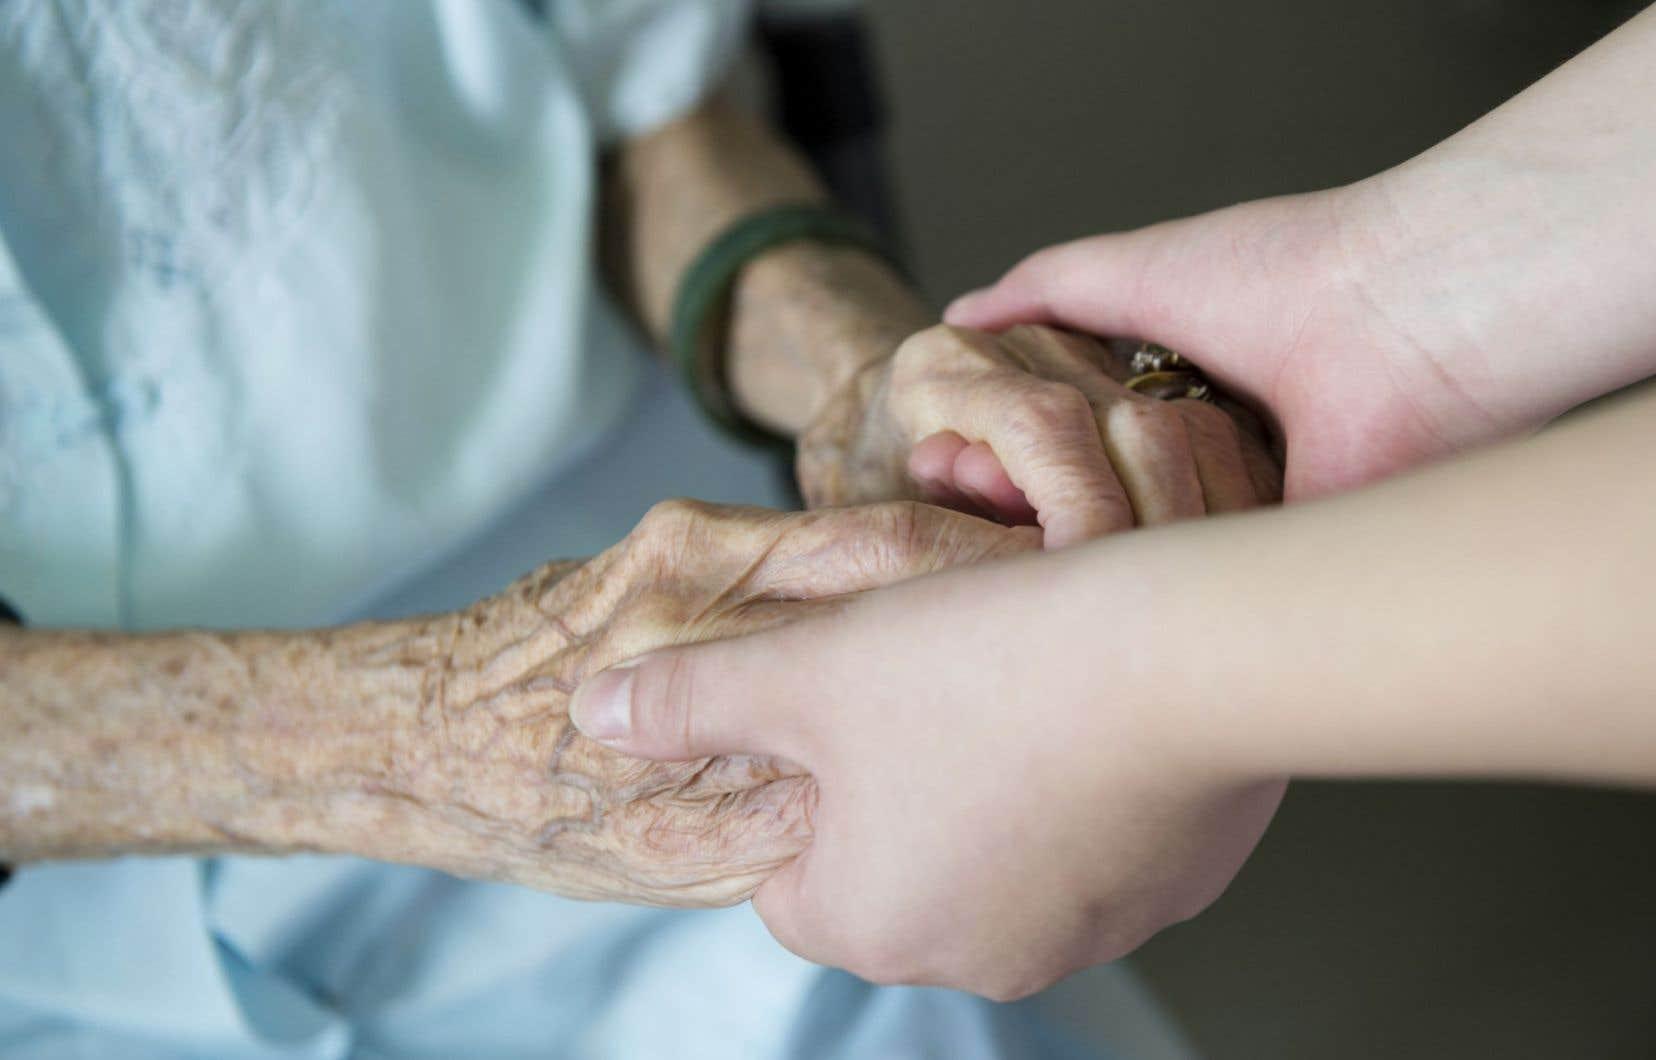 La vie et la mort méritent un débat parfait, sans écarts ou partisanerie.